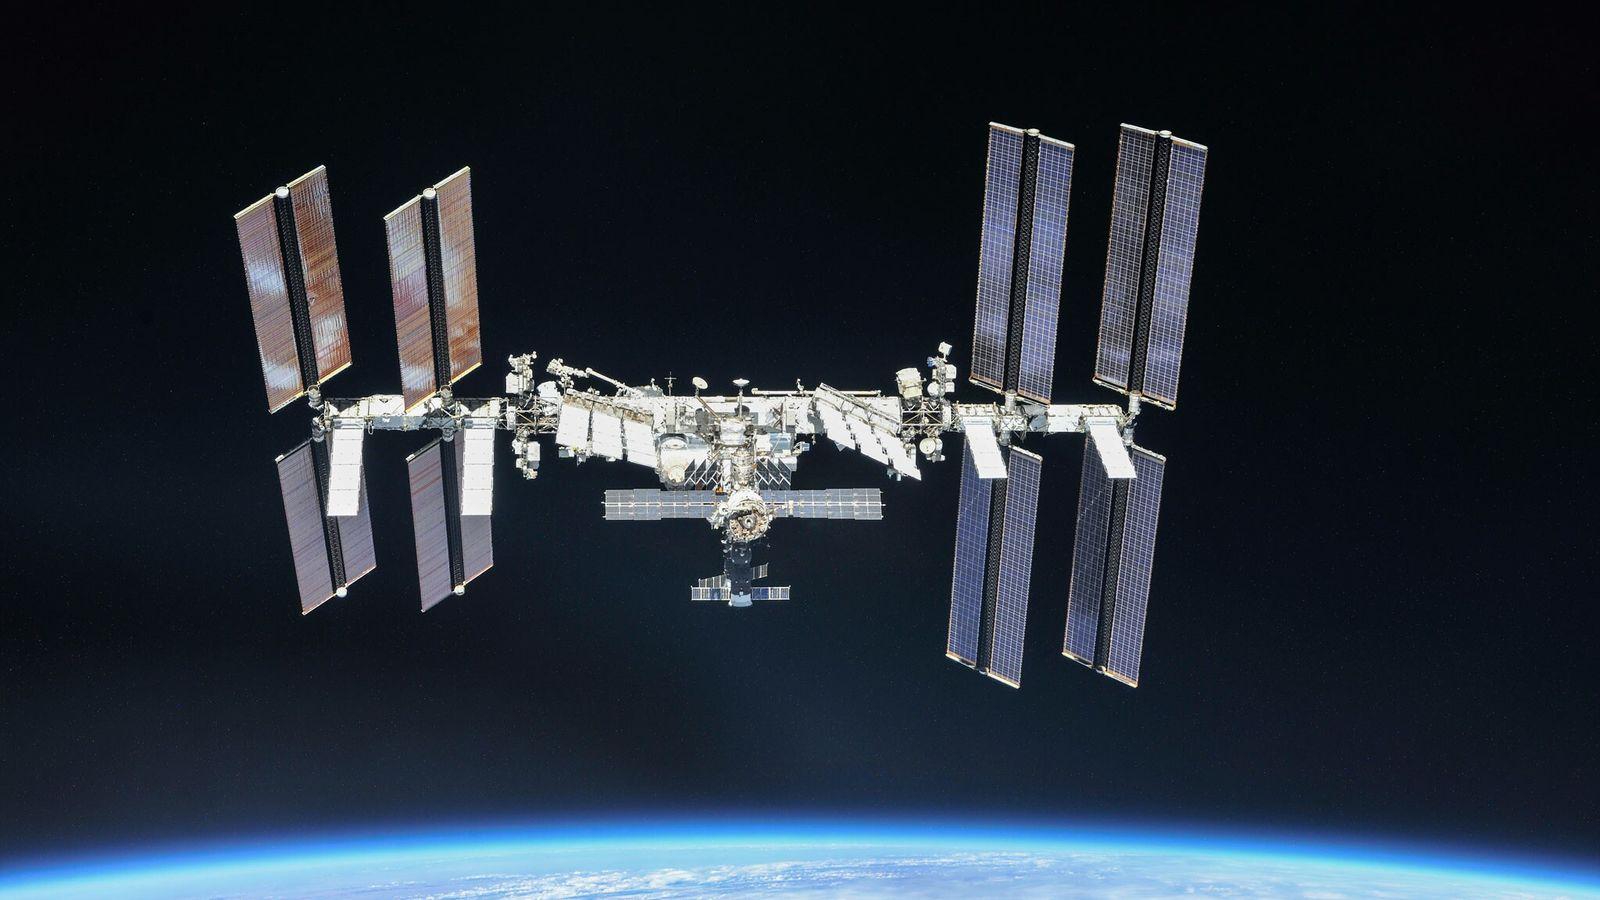 A pairar sobre a Terra e a sua fina atmosfera azul, a Estação Espacial Internacional destaca-se ...